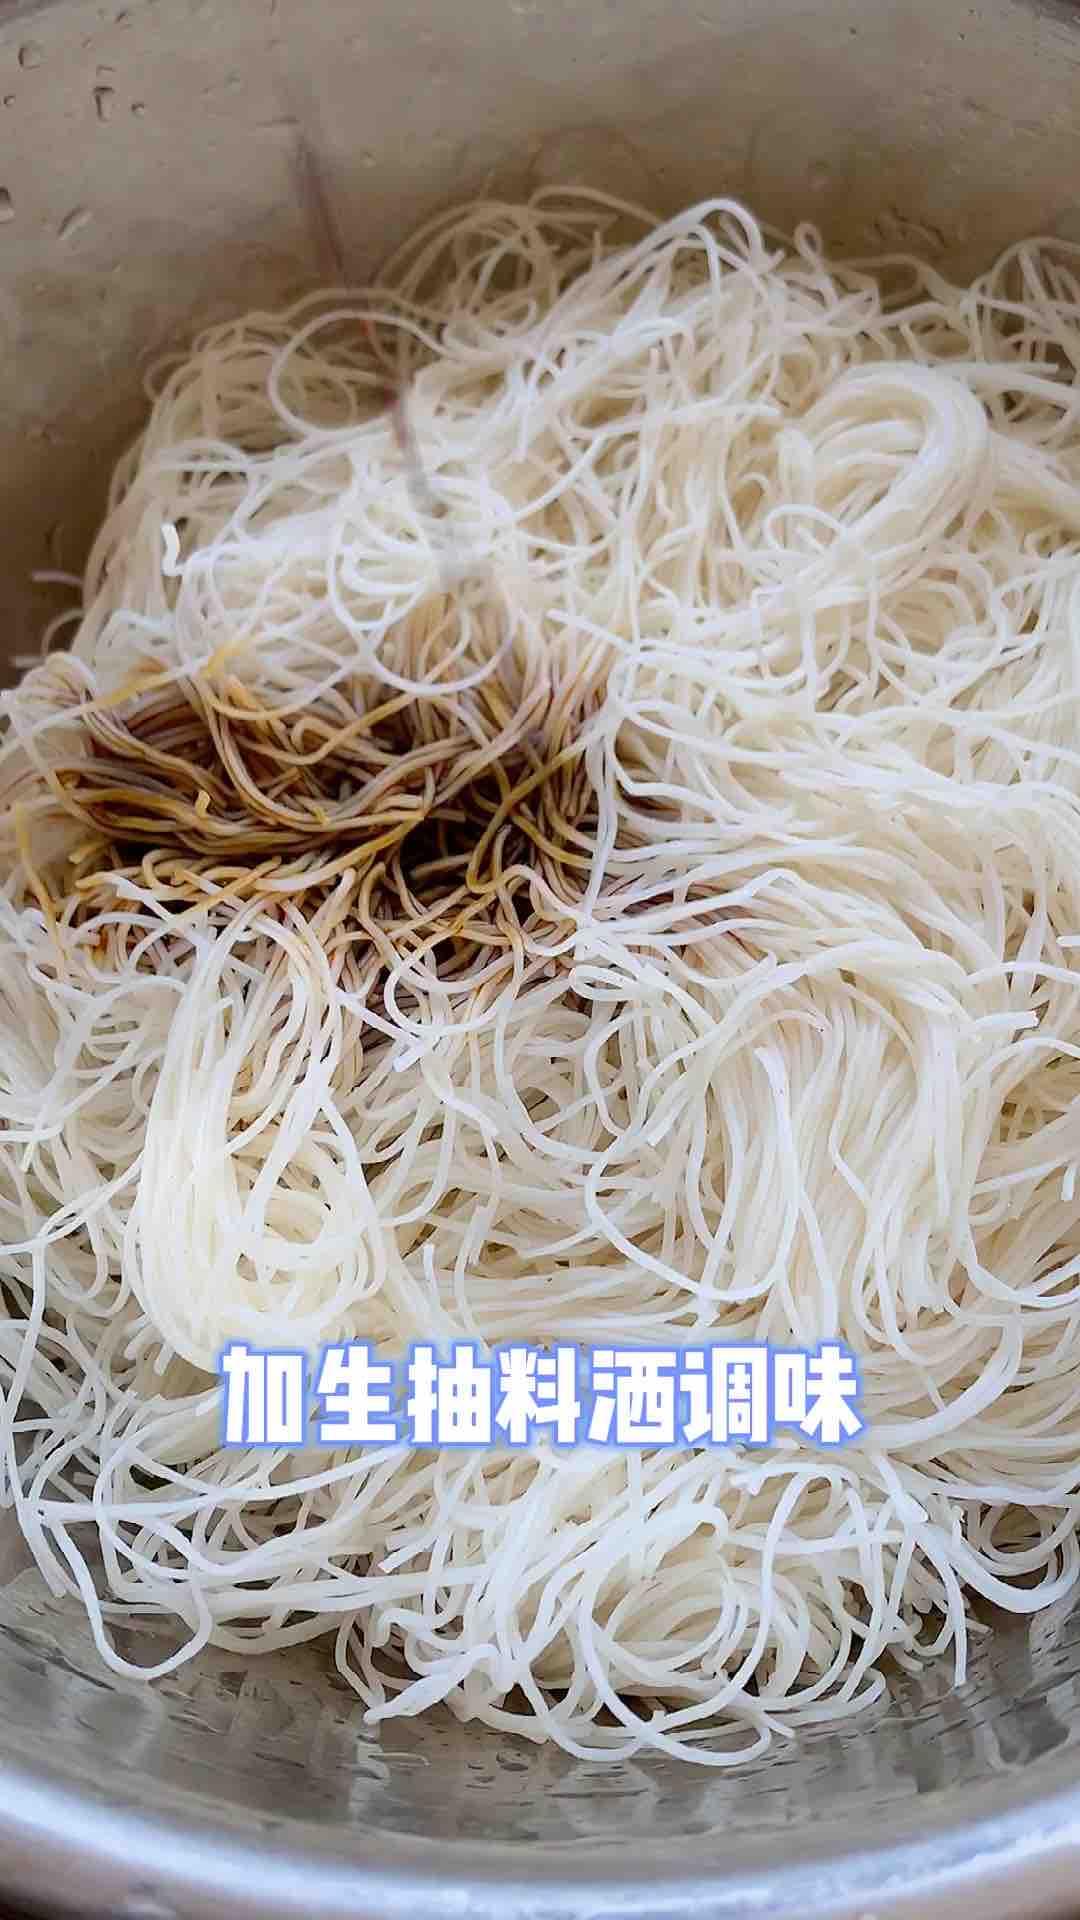 牛肉洋葱炒粉怎么吃